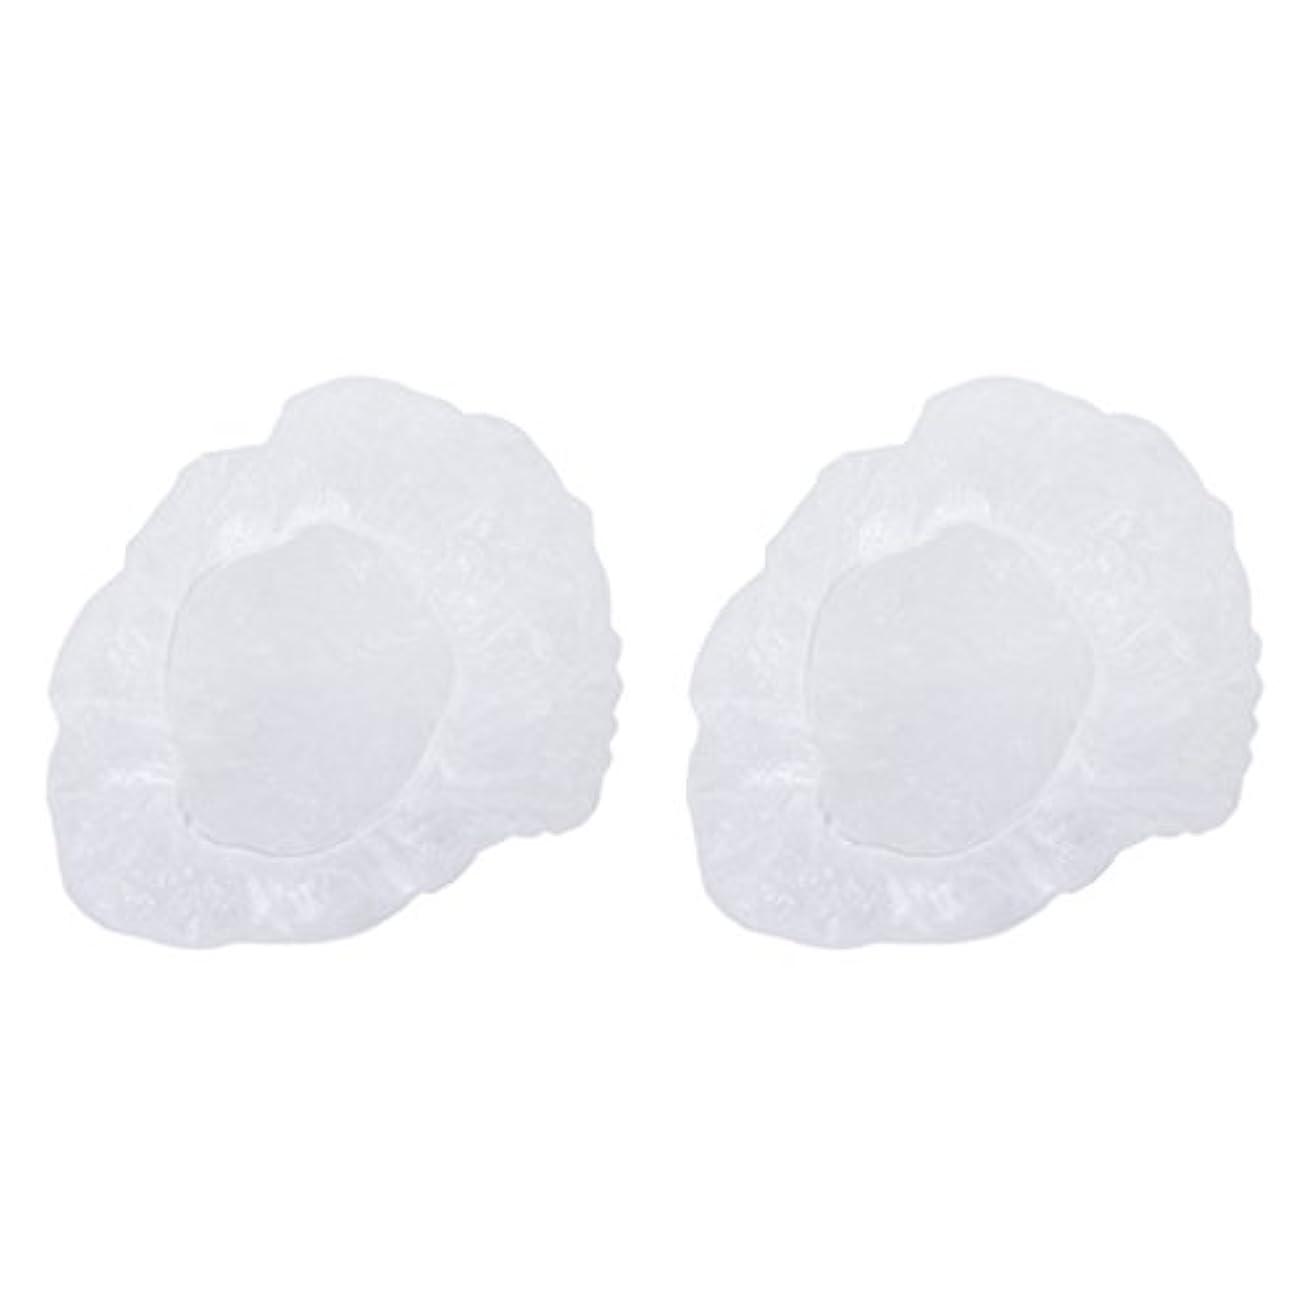 歯痛アベニュー弾性ポリエチレン シャワーキャップ カバー 使い捨て プラスチック製 シャンプーハット 透明 200枚